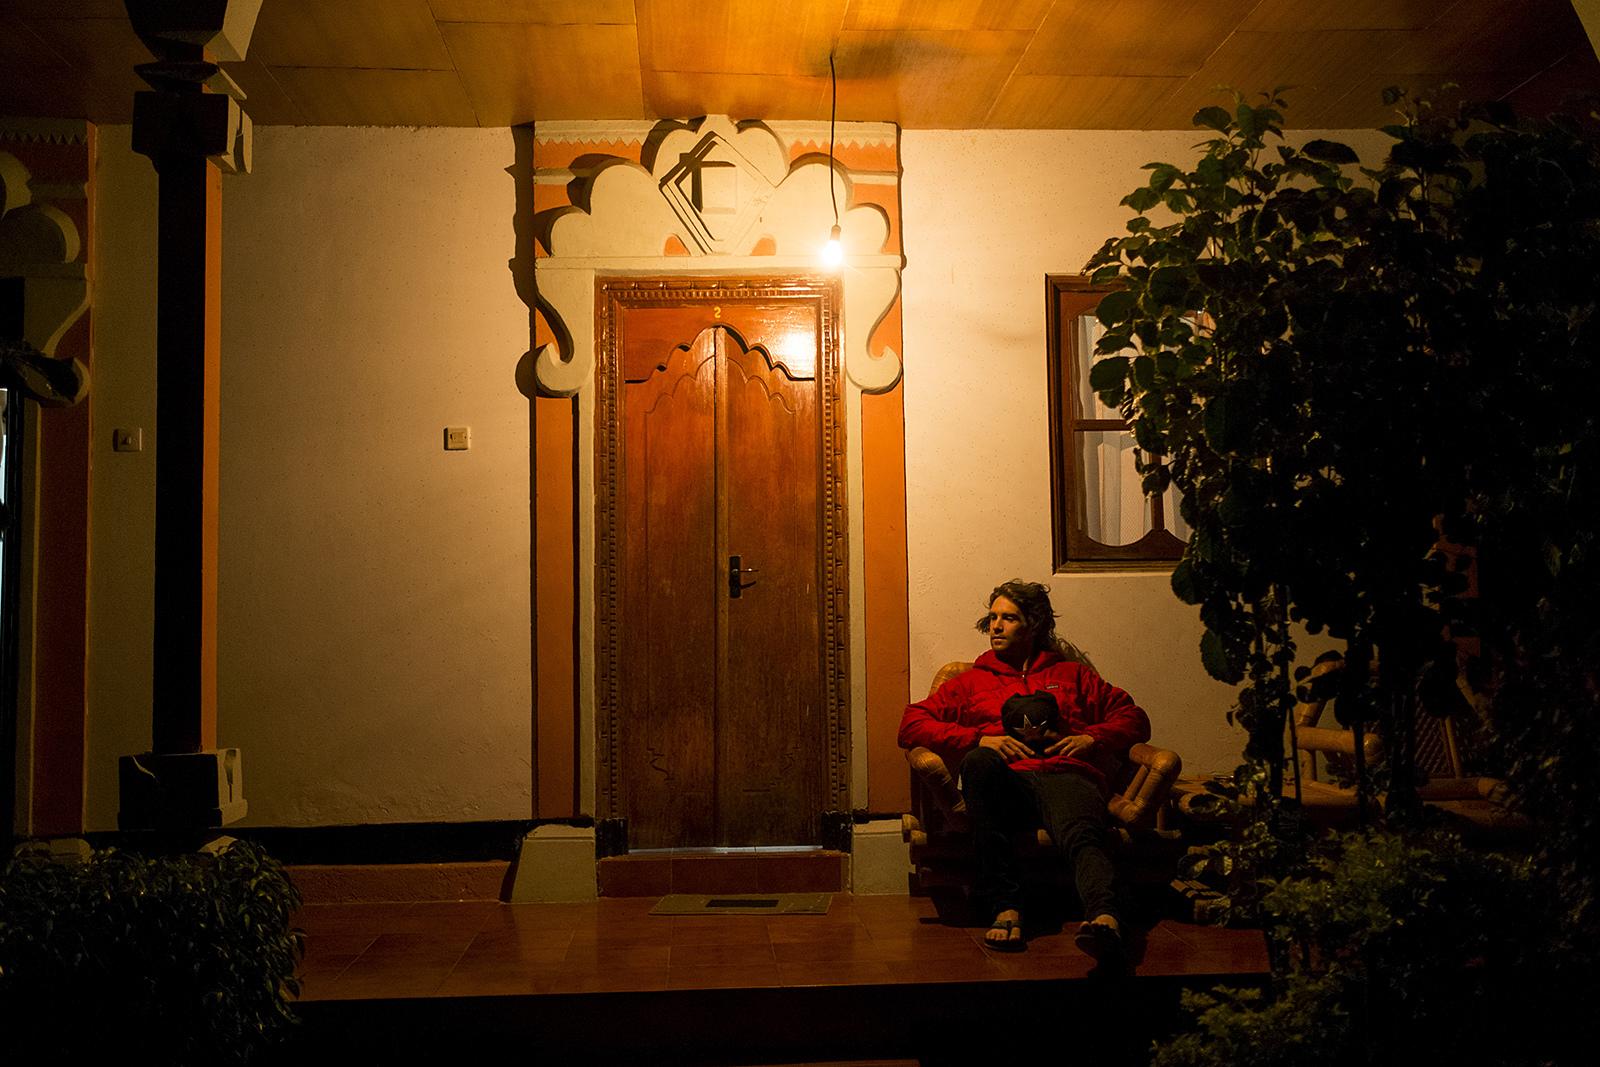 Cam McCaul at dawn in Bali Indonesia